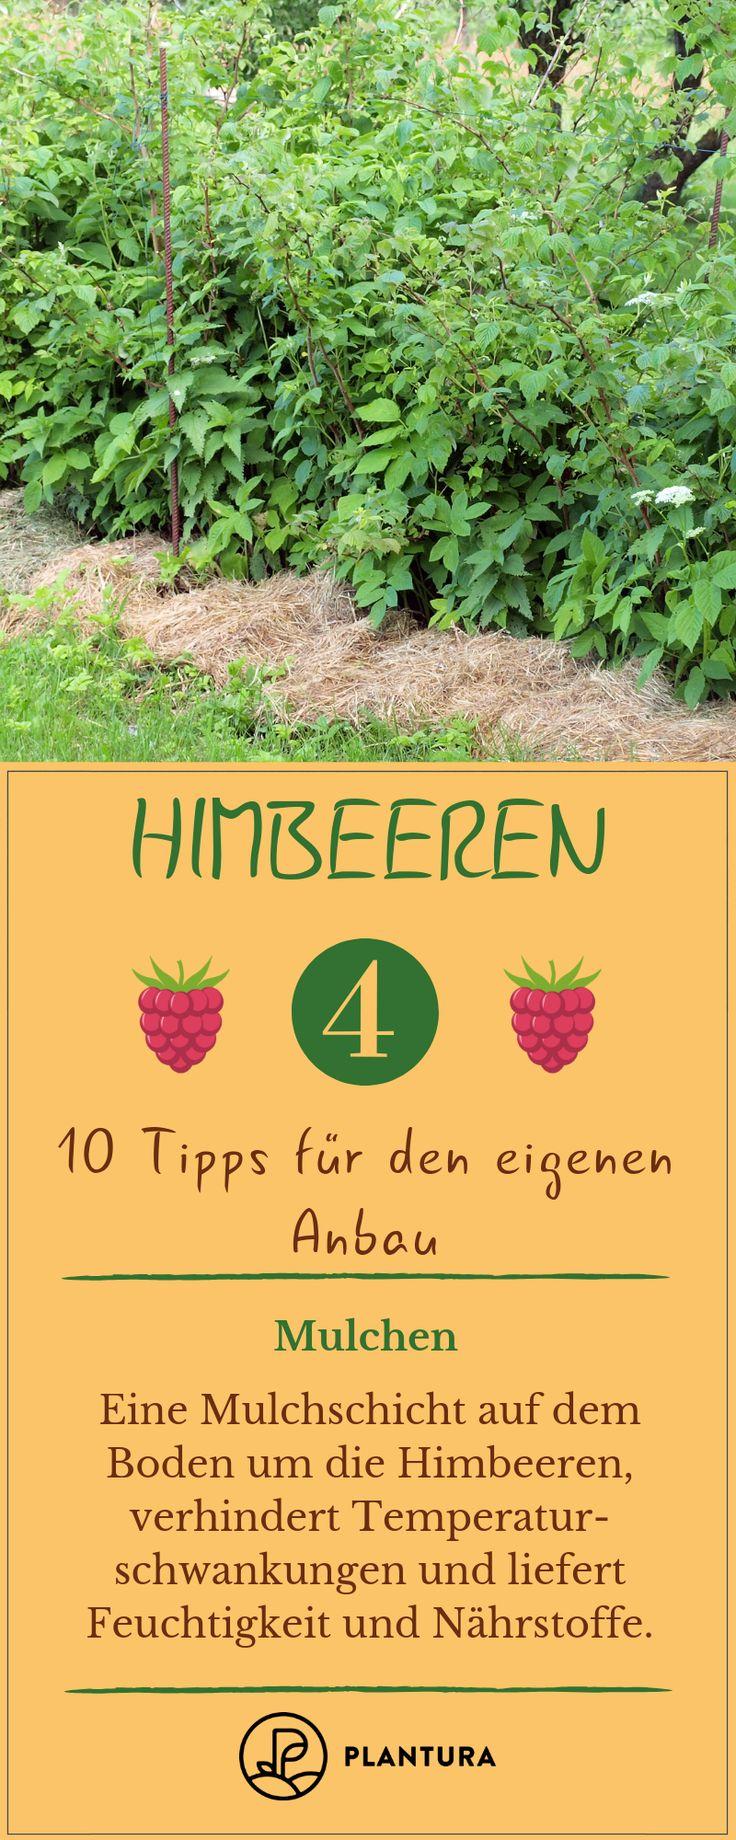 10 Tipps für leckere Himbeeren aus eigenem Anbau